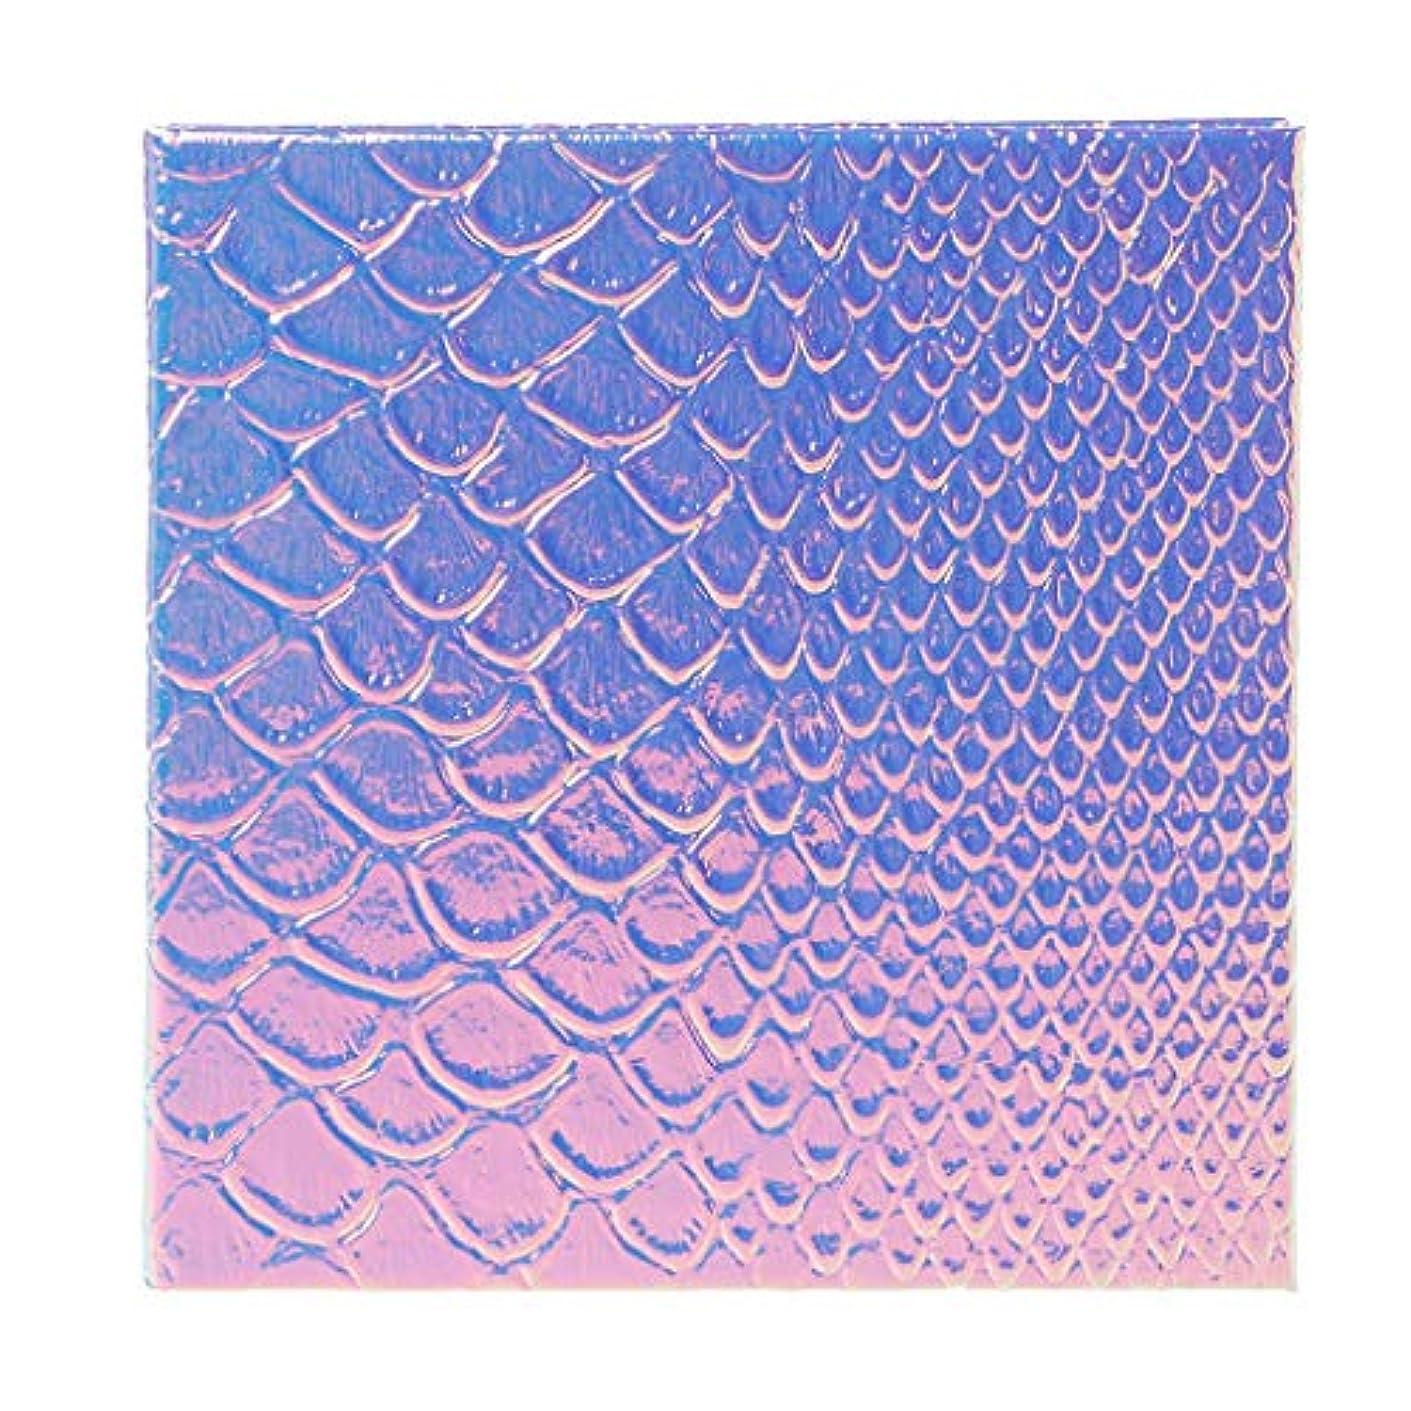 Lamdoo魚スケール空磁気化粧パレットdiyアイシャドーコンシーラーケースホルダー - 2#